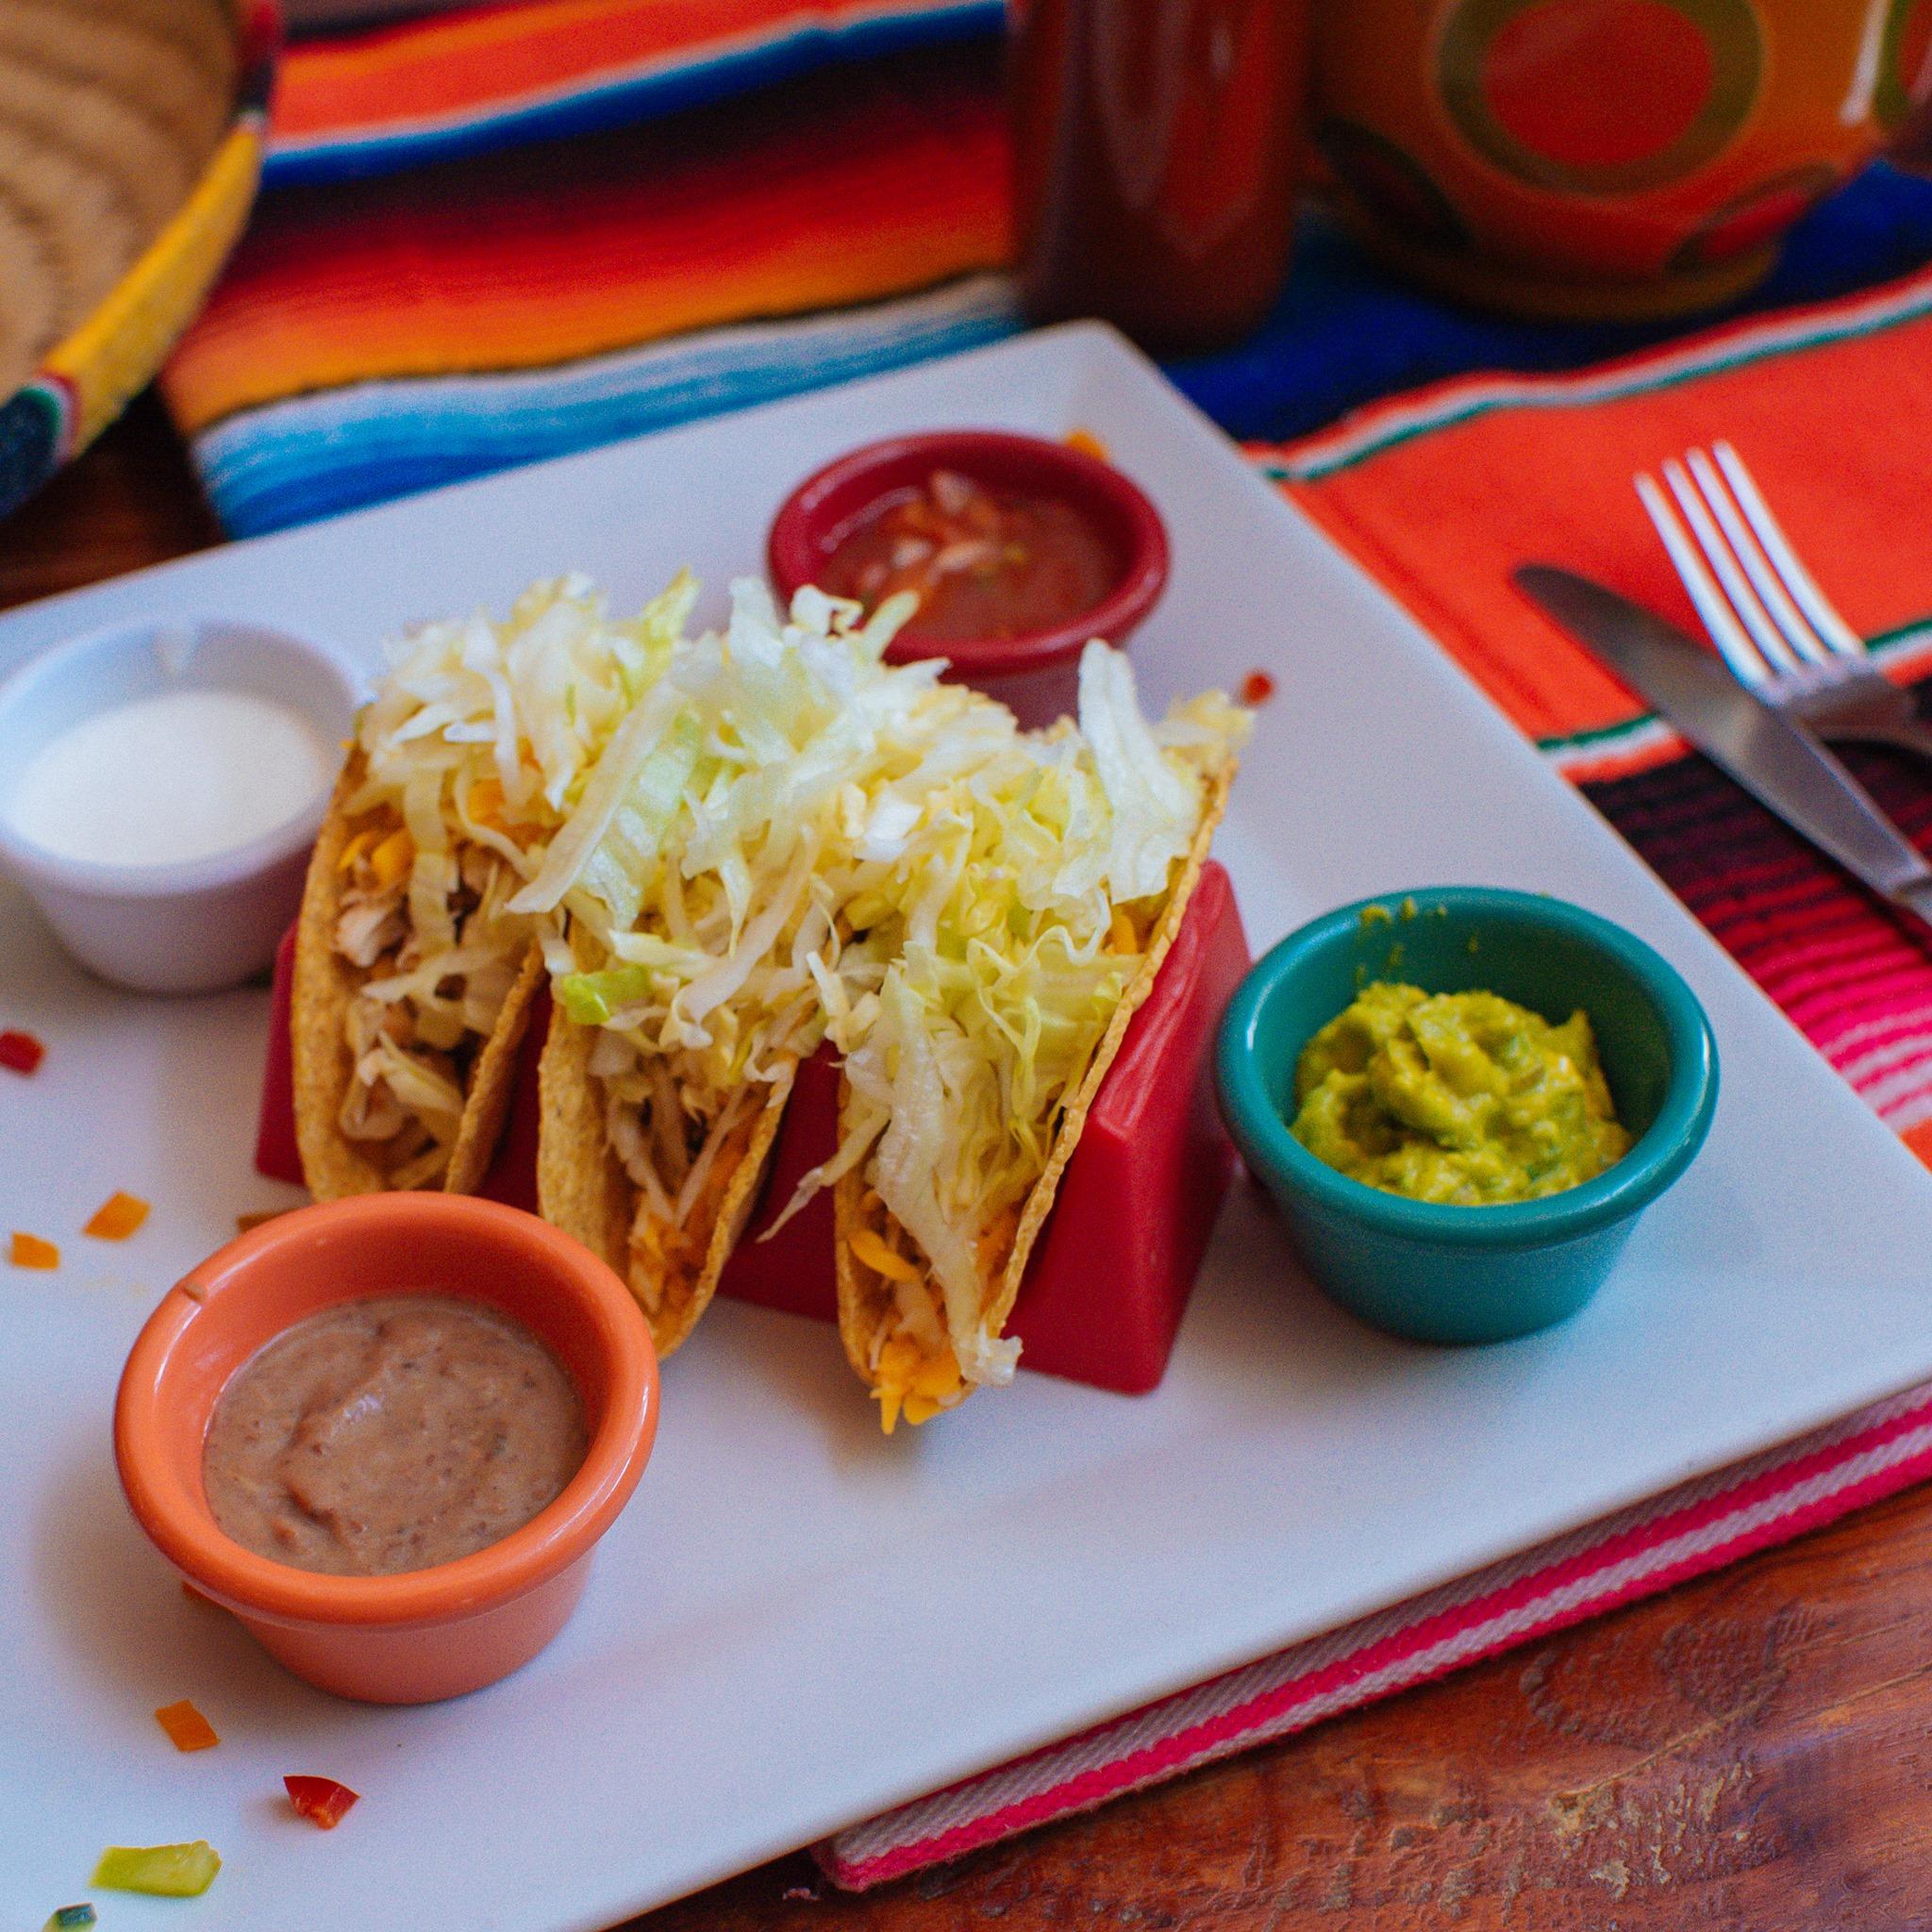 restaurants in punta cana, best restaurants in punta cana, punta cana food, where to eat in punta cana, taqueria el burrito